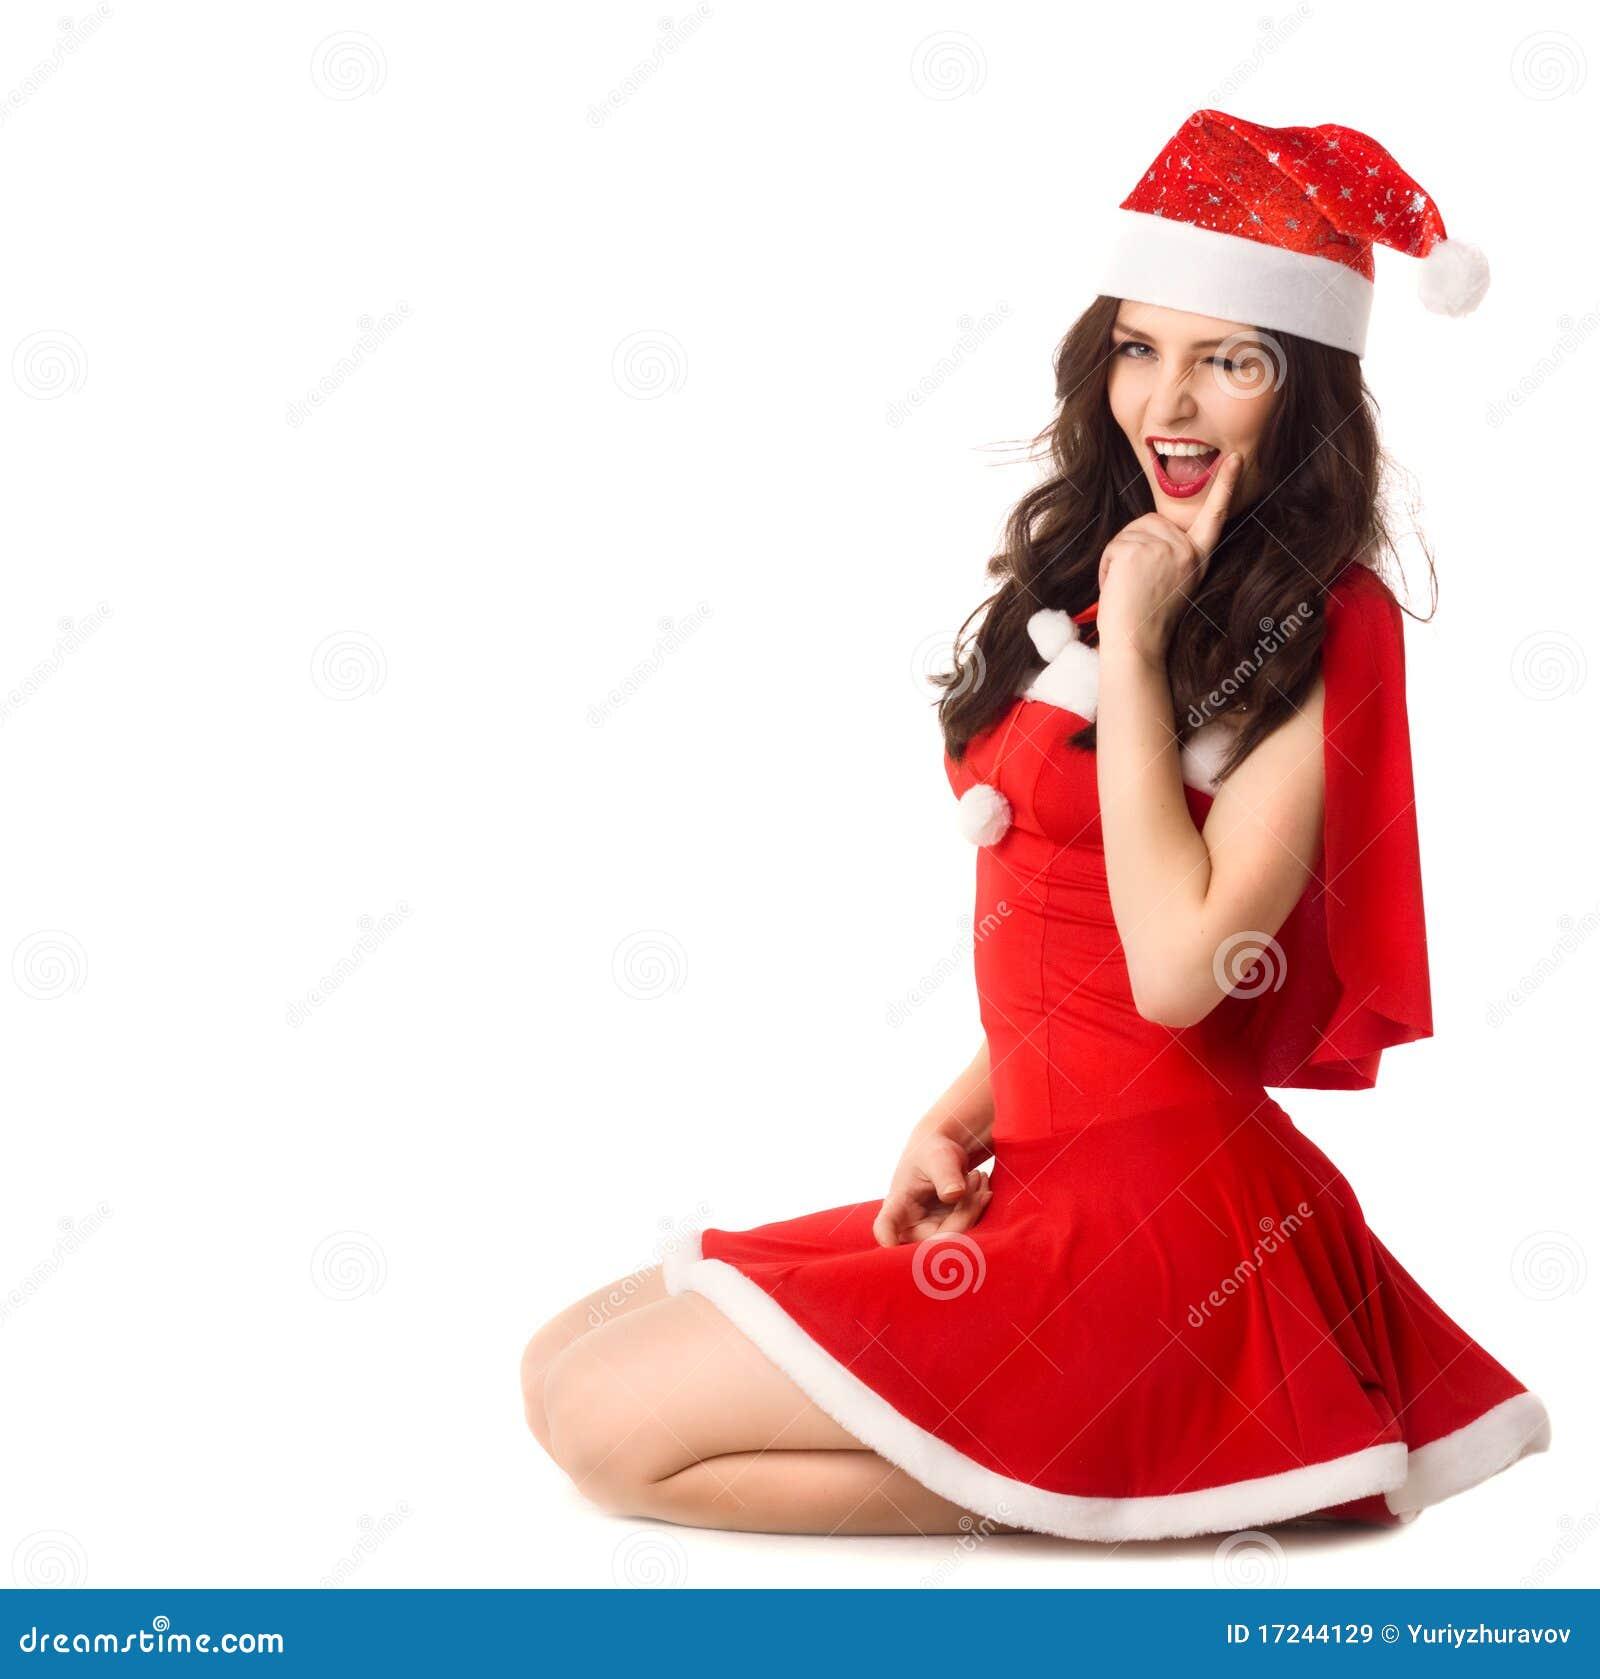 De Navidad Imágenes de archivo libres de regalías - Imagen: 17244129